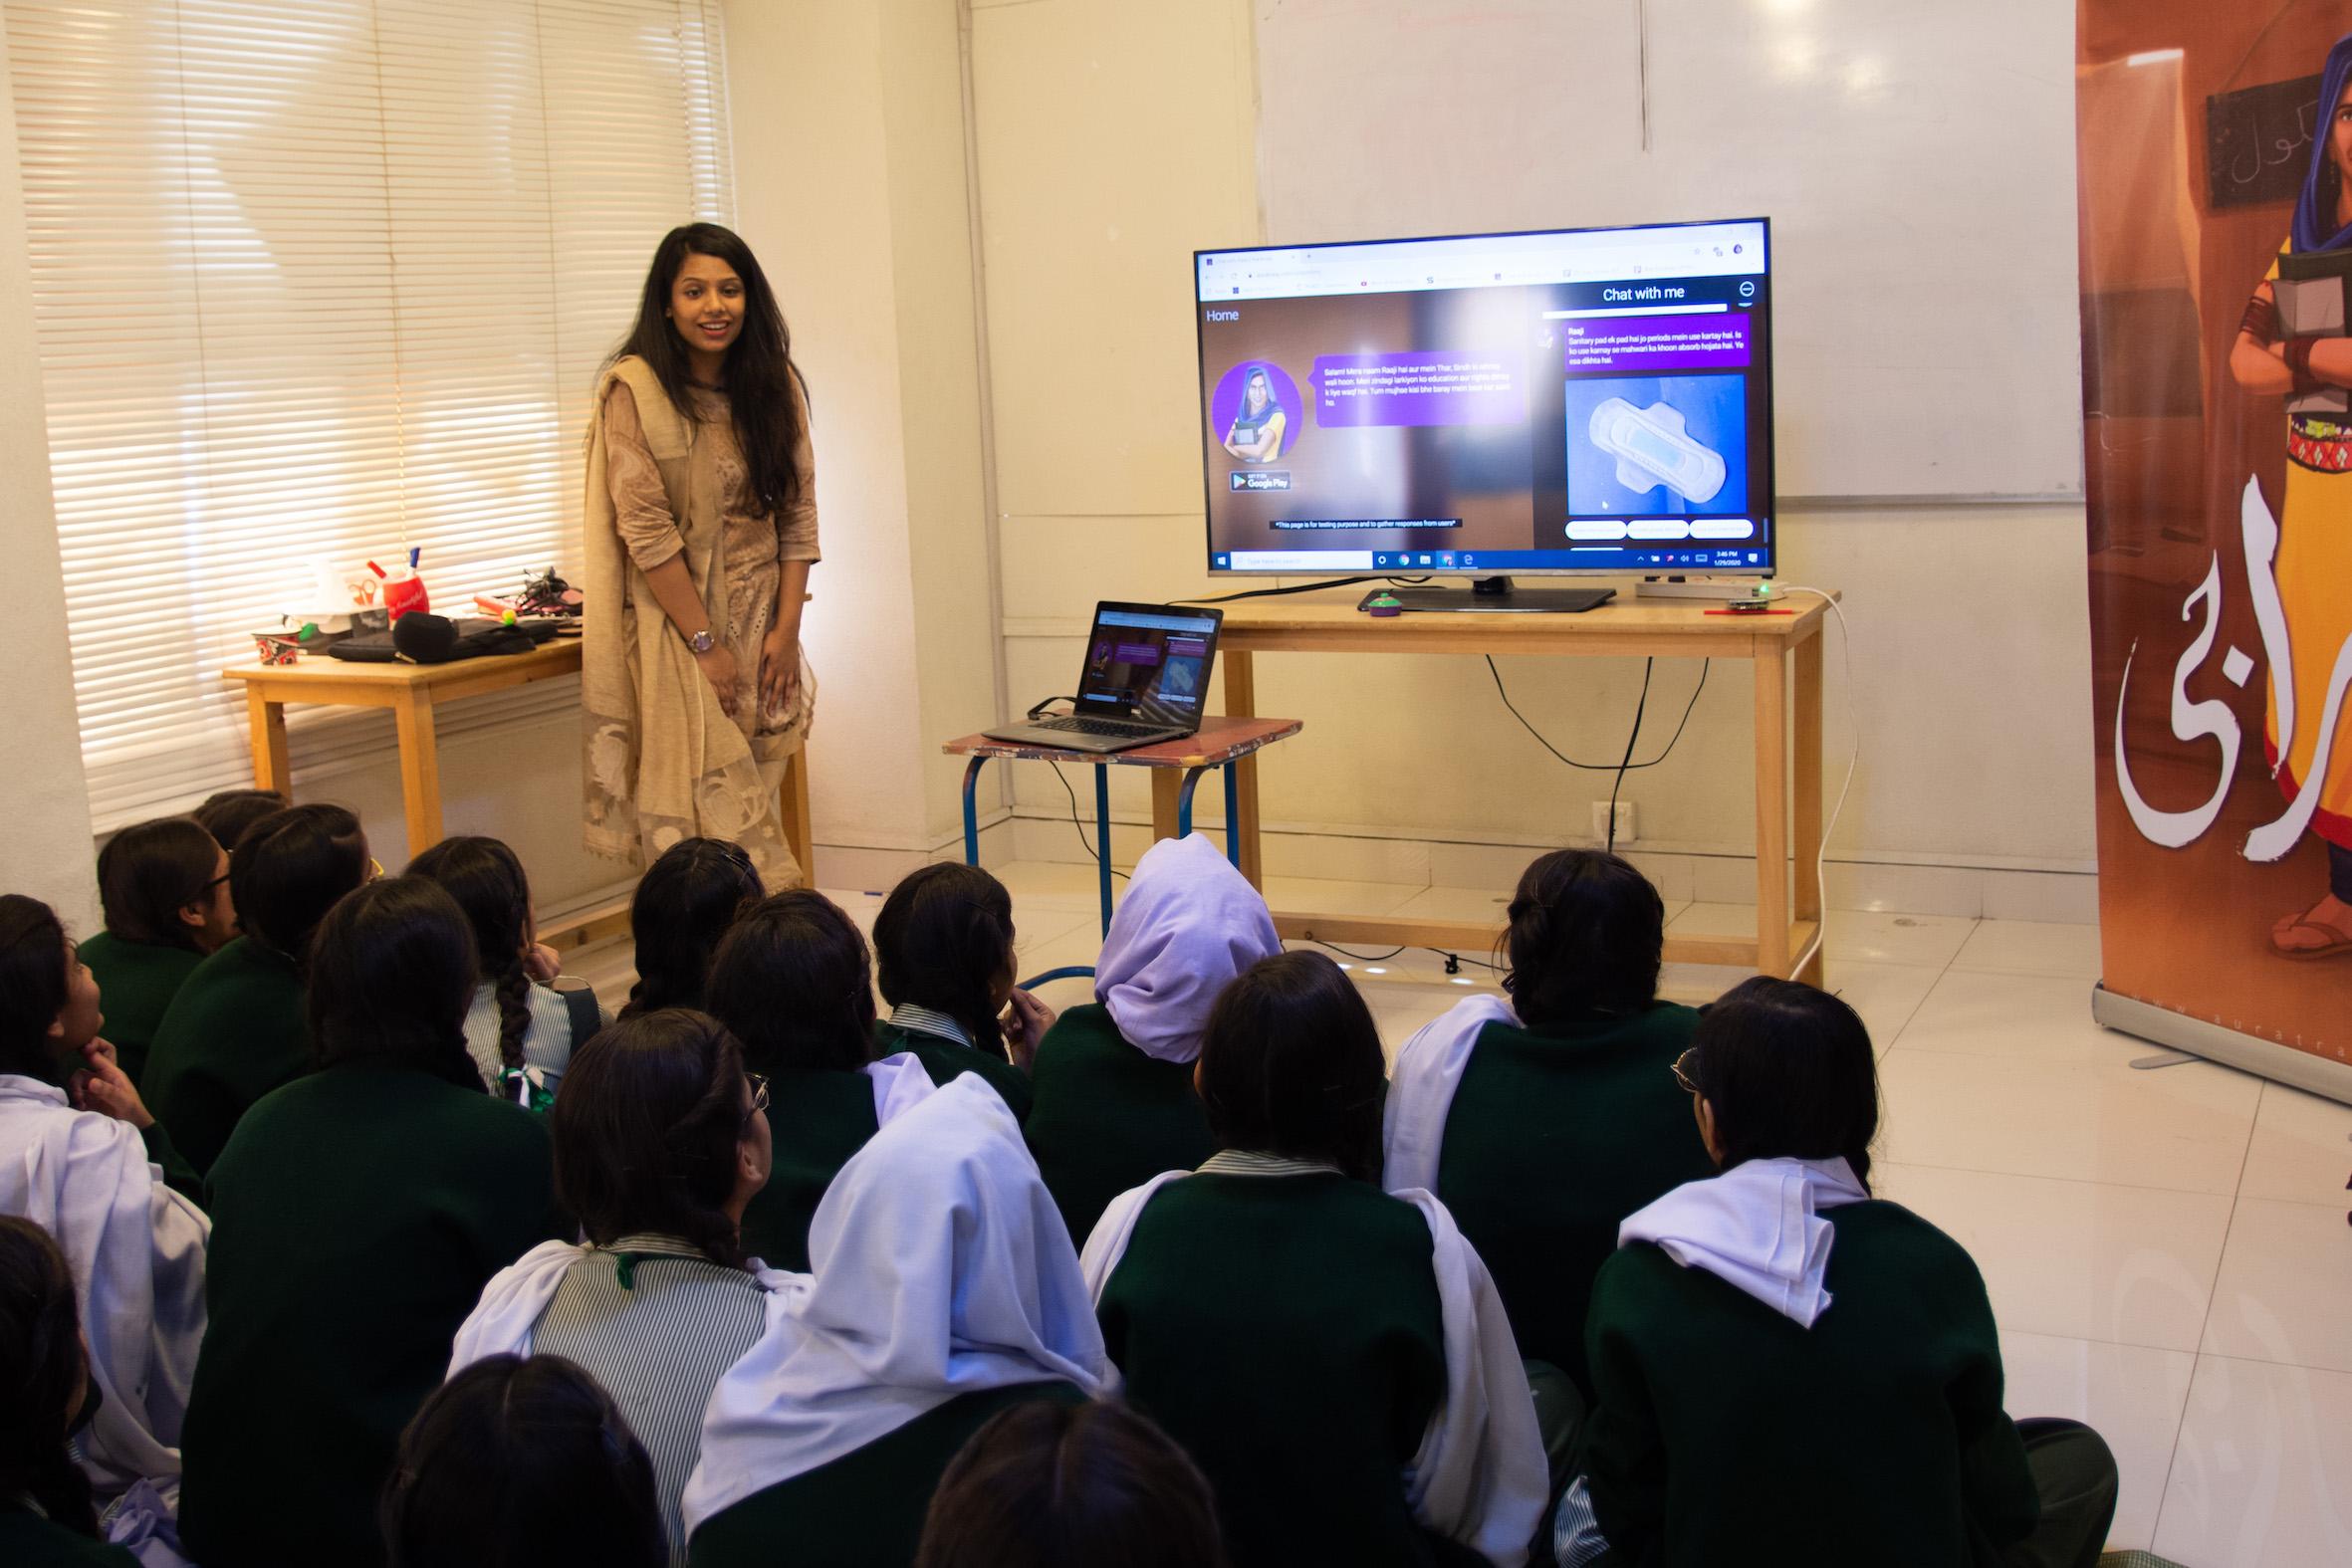 Raaji being used in a classroom in Pakistan